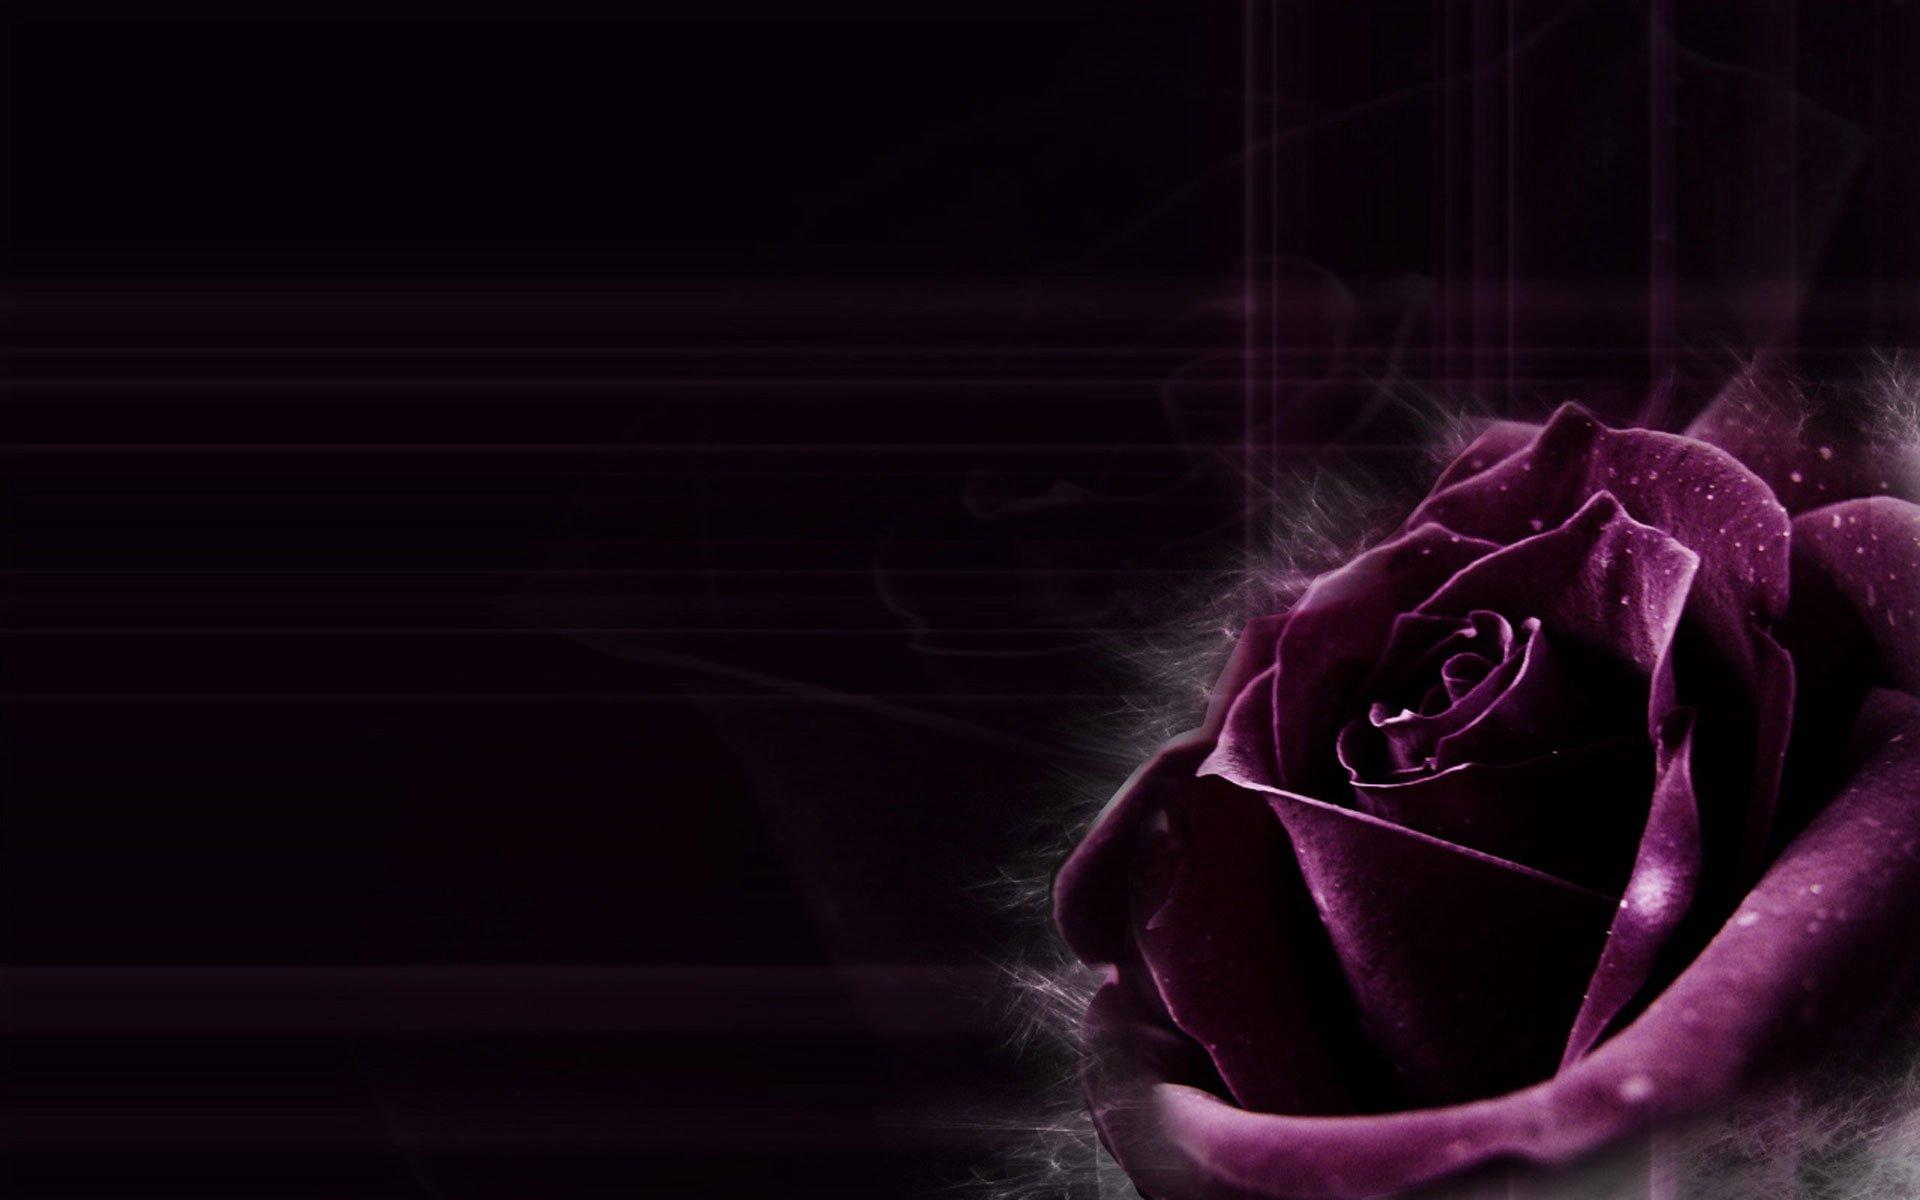 Dark Purple Roses Wallpaper Wallpapersafari